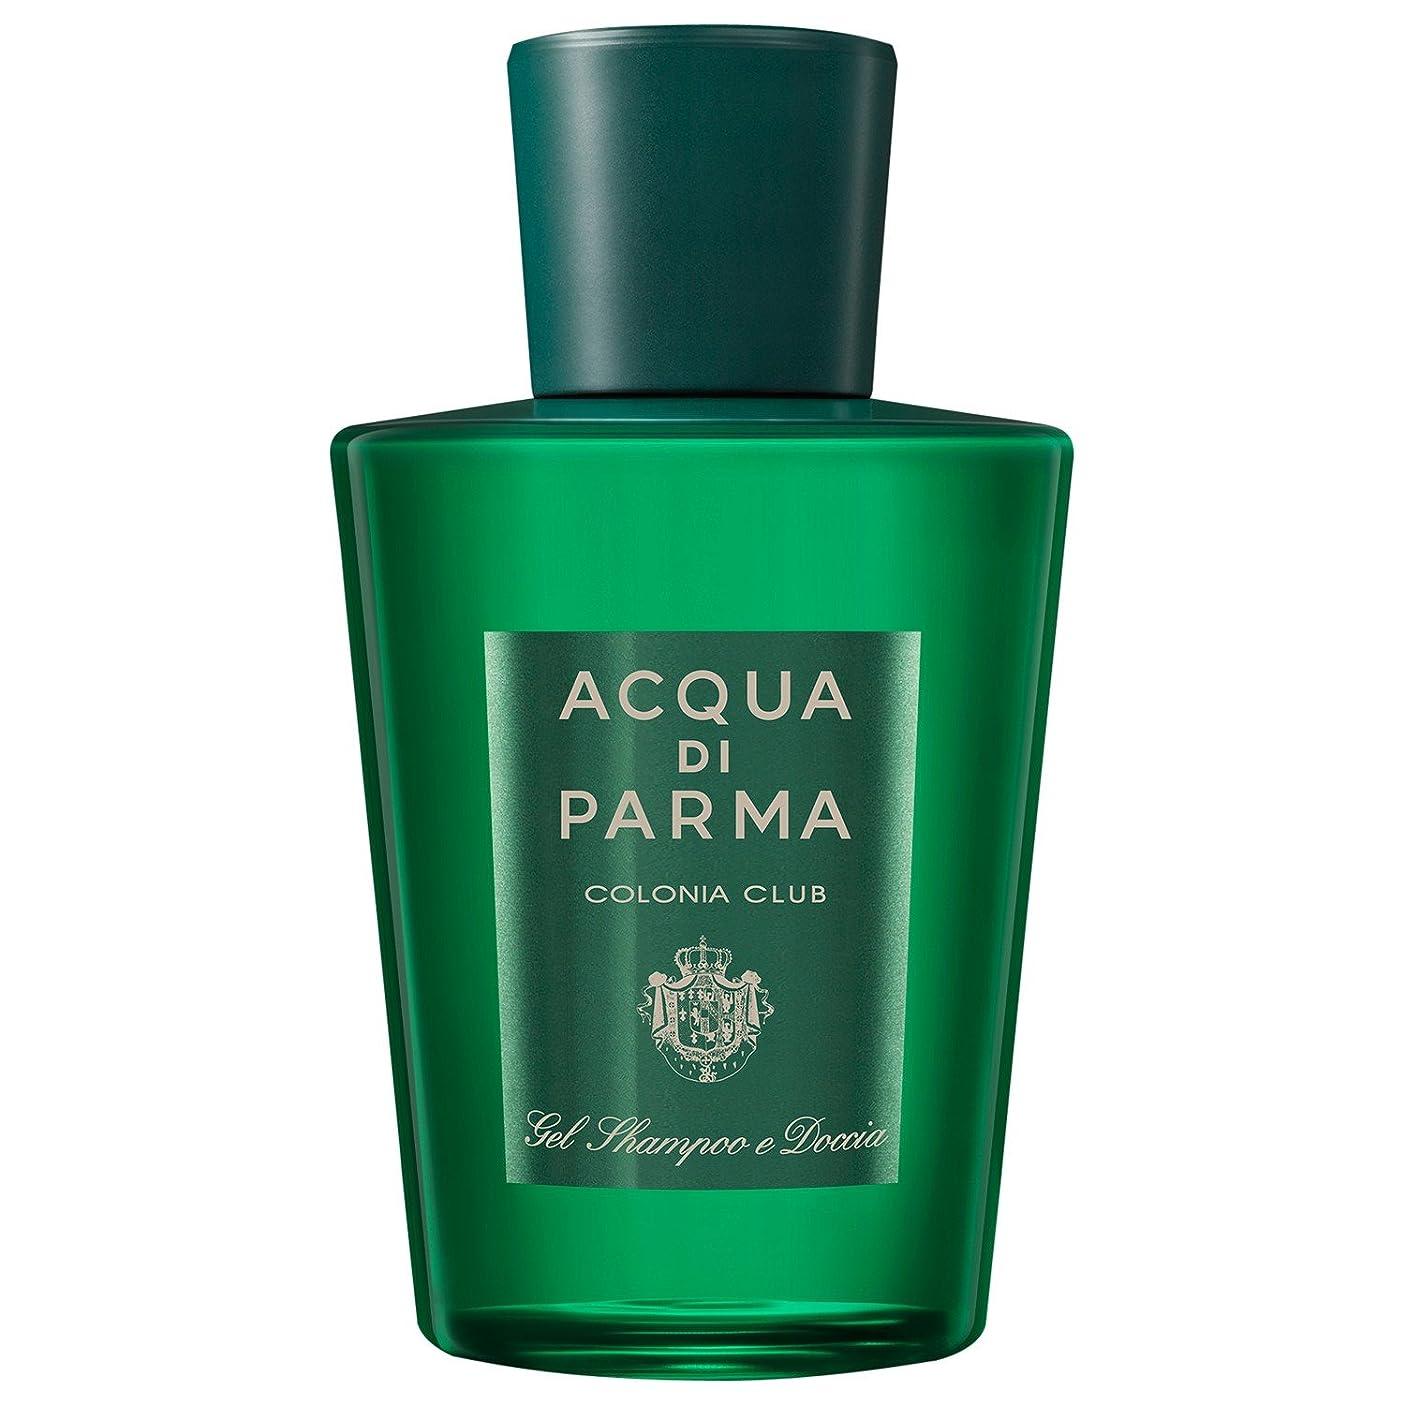 歯車信じる変位アクア?ディ?パルマコロニアクラブのシャワージェル200ミリリットル (Acqua di Parma) (x2) - Acqua di Parma Colonia Club Shower Gel 200ml (Pack of 2) [並行輸入品]